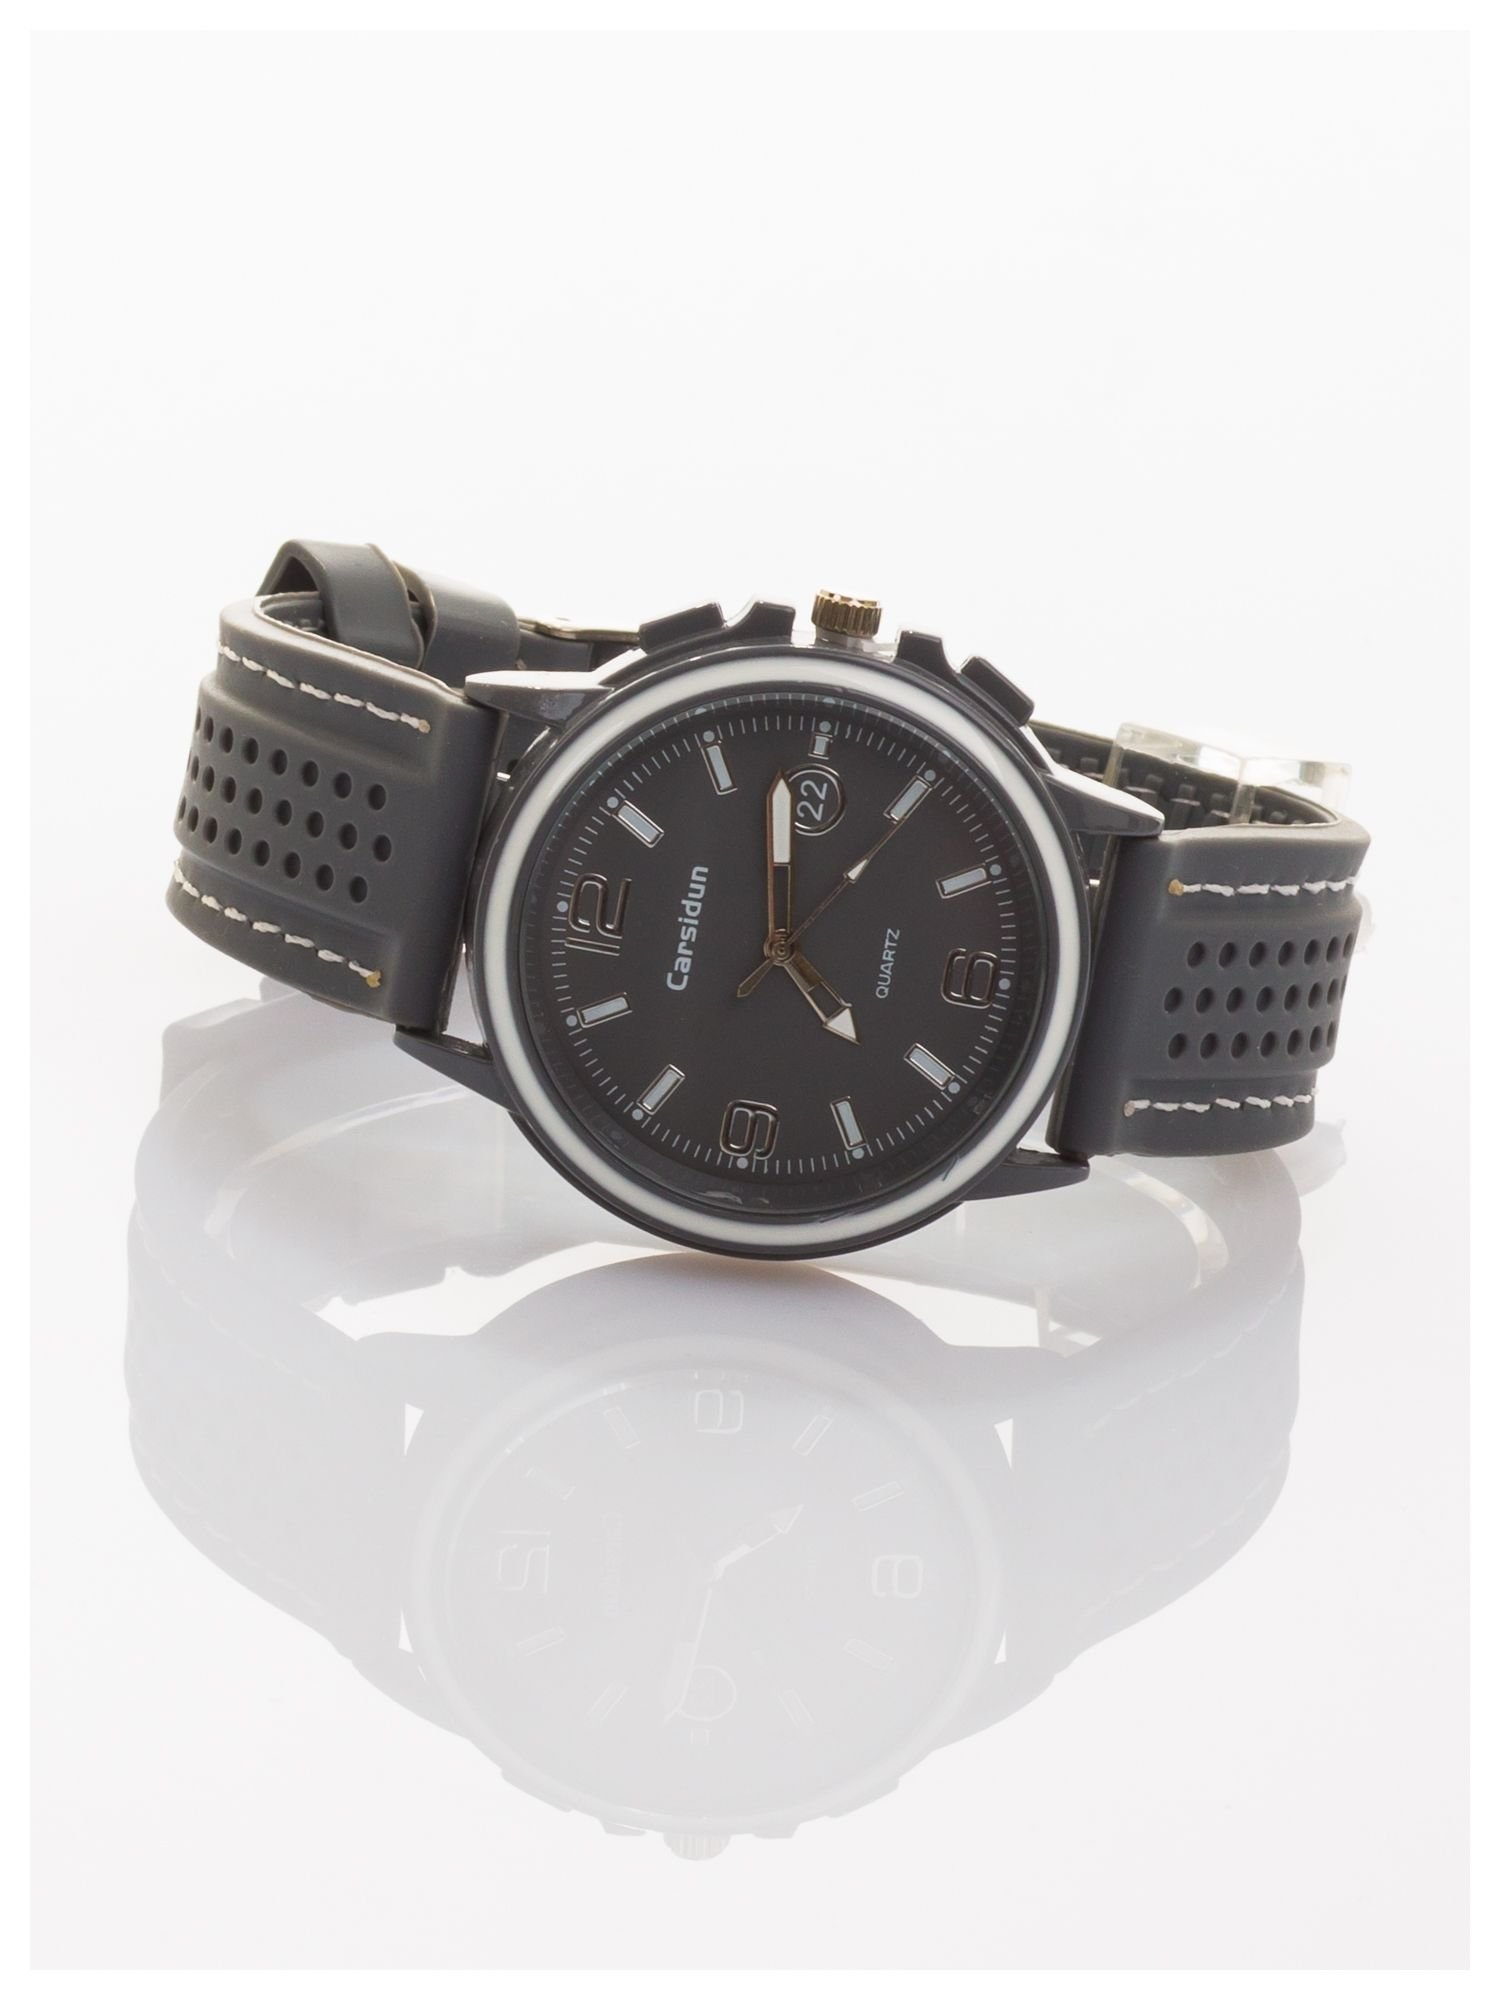 CARSIDUN Modny i wygodny męski zegarek z silikonowym paskiem                                  zdj.                                  2